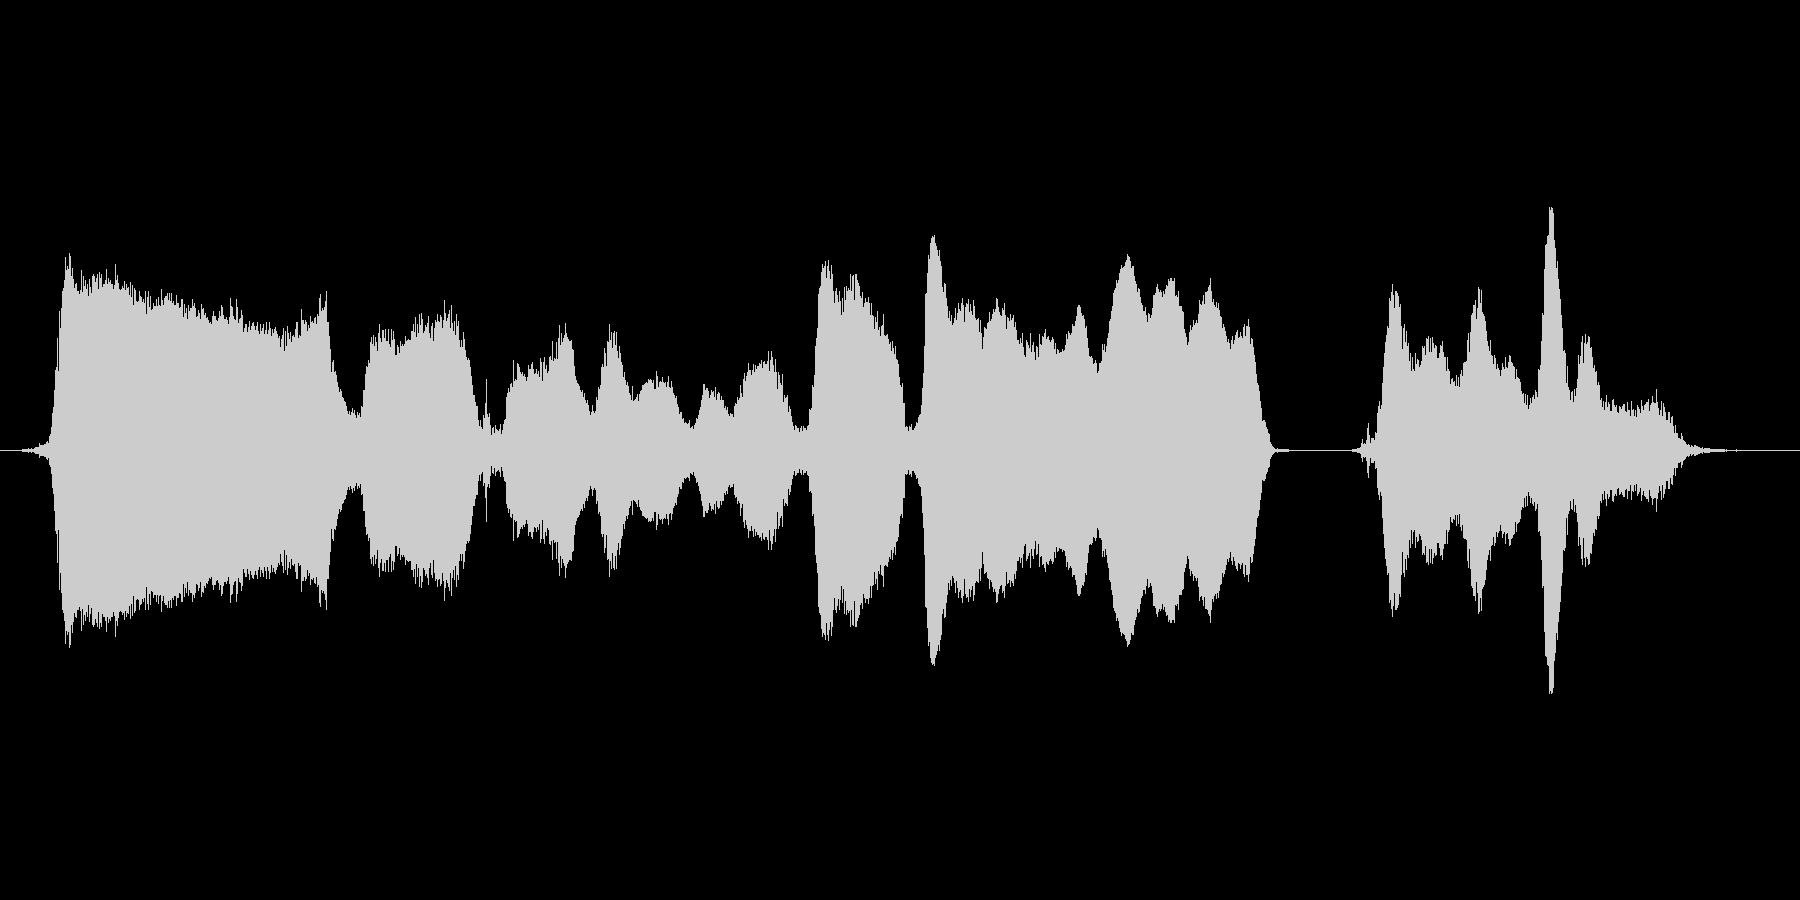 メロディーを口ずさむの未再生の波形